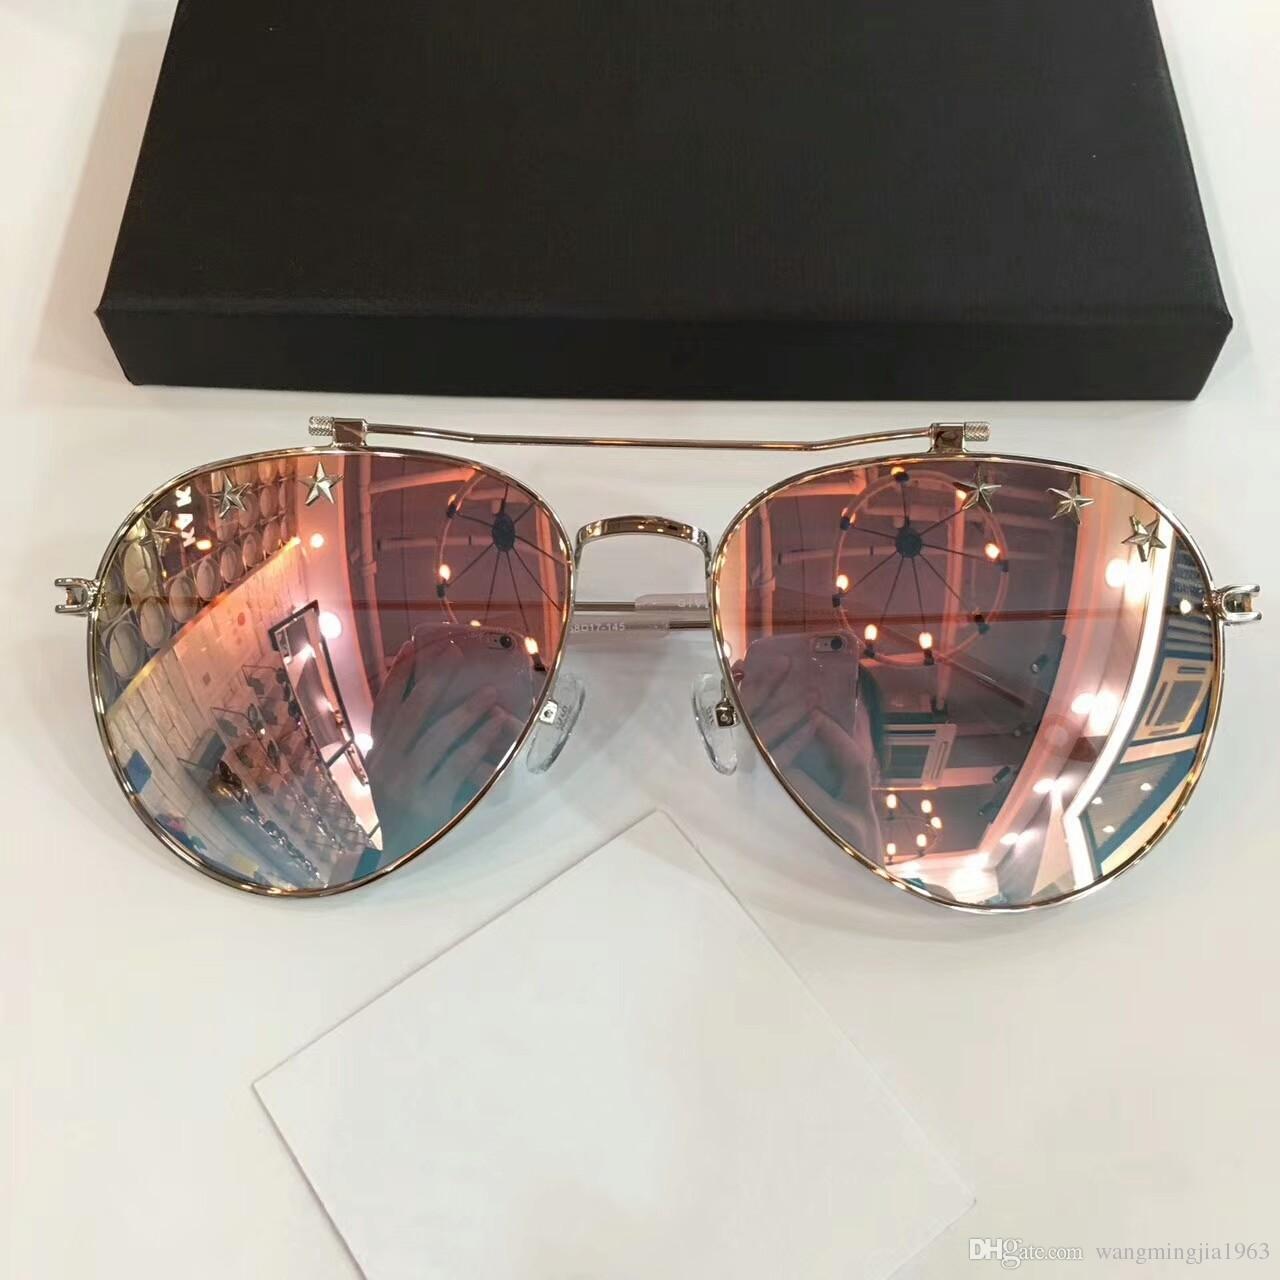 12b6a7fc41 Sunglasses For Men GV7057 Women Men Brand Designer Sunglasses For Women  Star Fashion Style With Box Big Frame Glasses Outdoor Design Sunglasses  Online ...